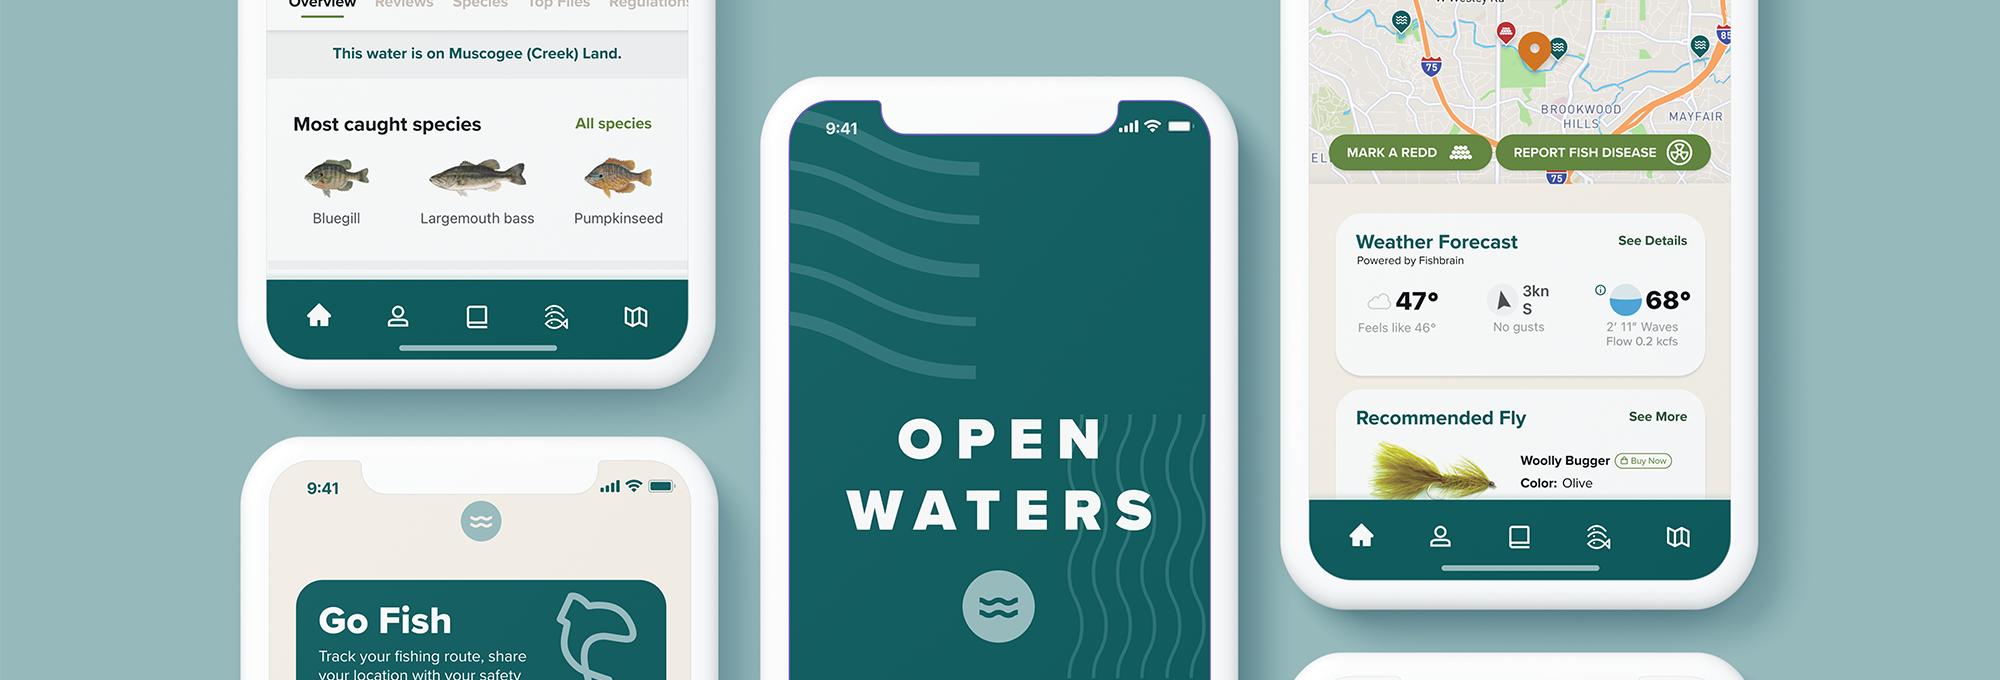 Open Waters Top Hero